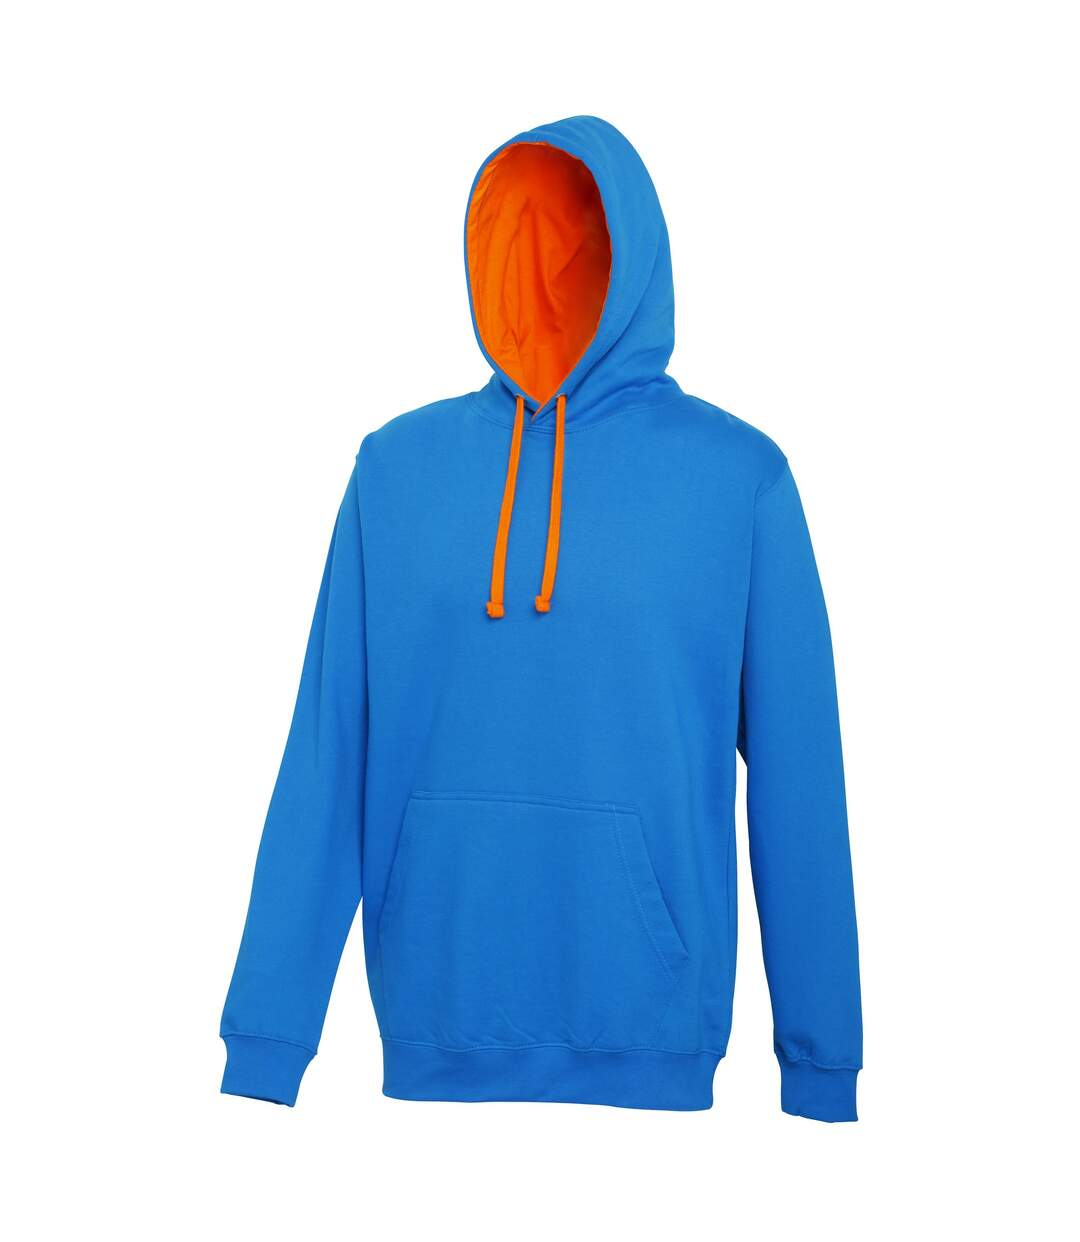 Awdis Varsity Hooded Sweatshirt / Hoodie (Charcoal/ Burgundy) - UTRW165